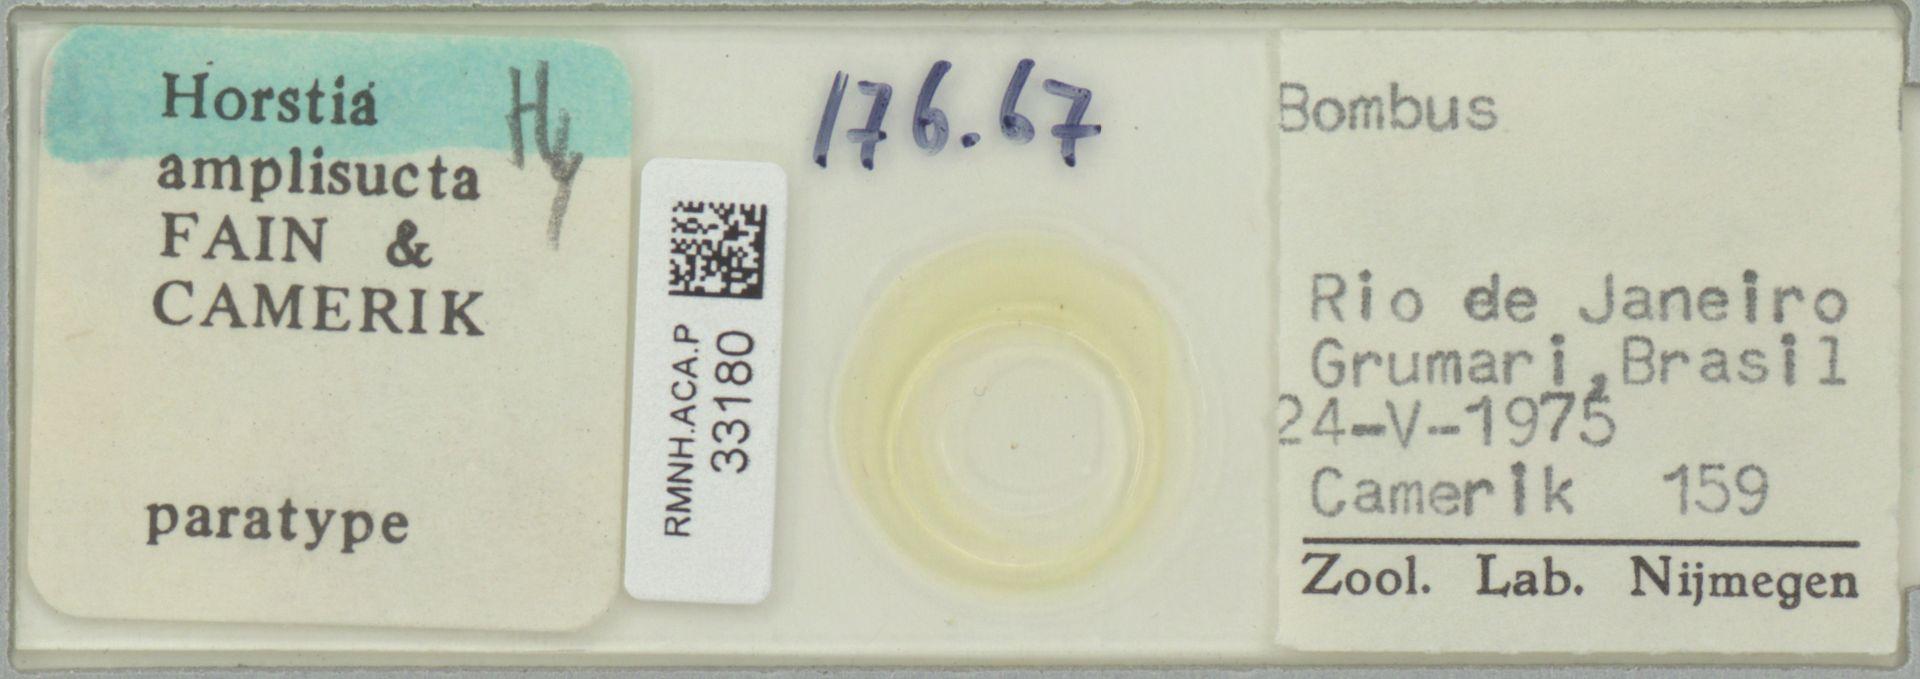 RMNH.ACA.P.33180 | Horstia amplisucta Fain & Camerik